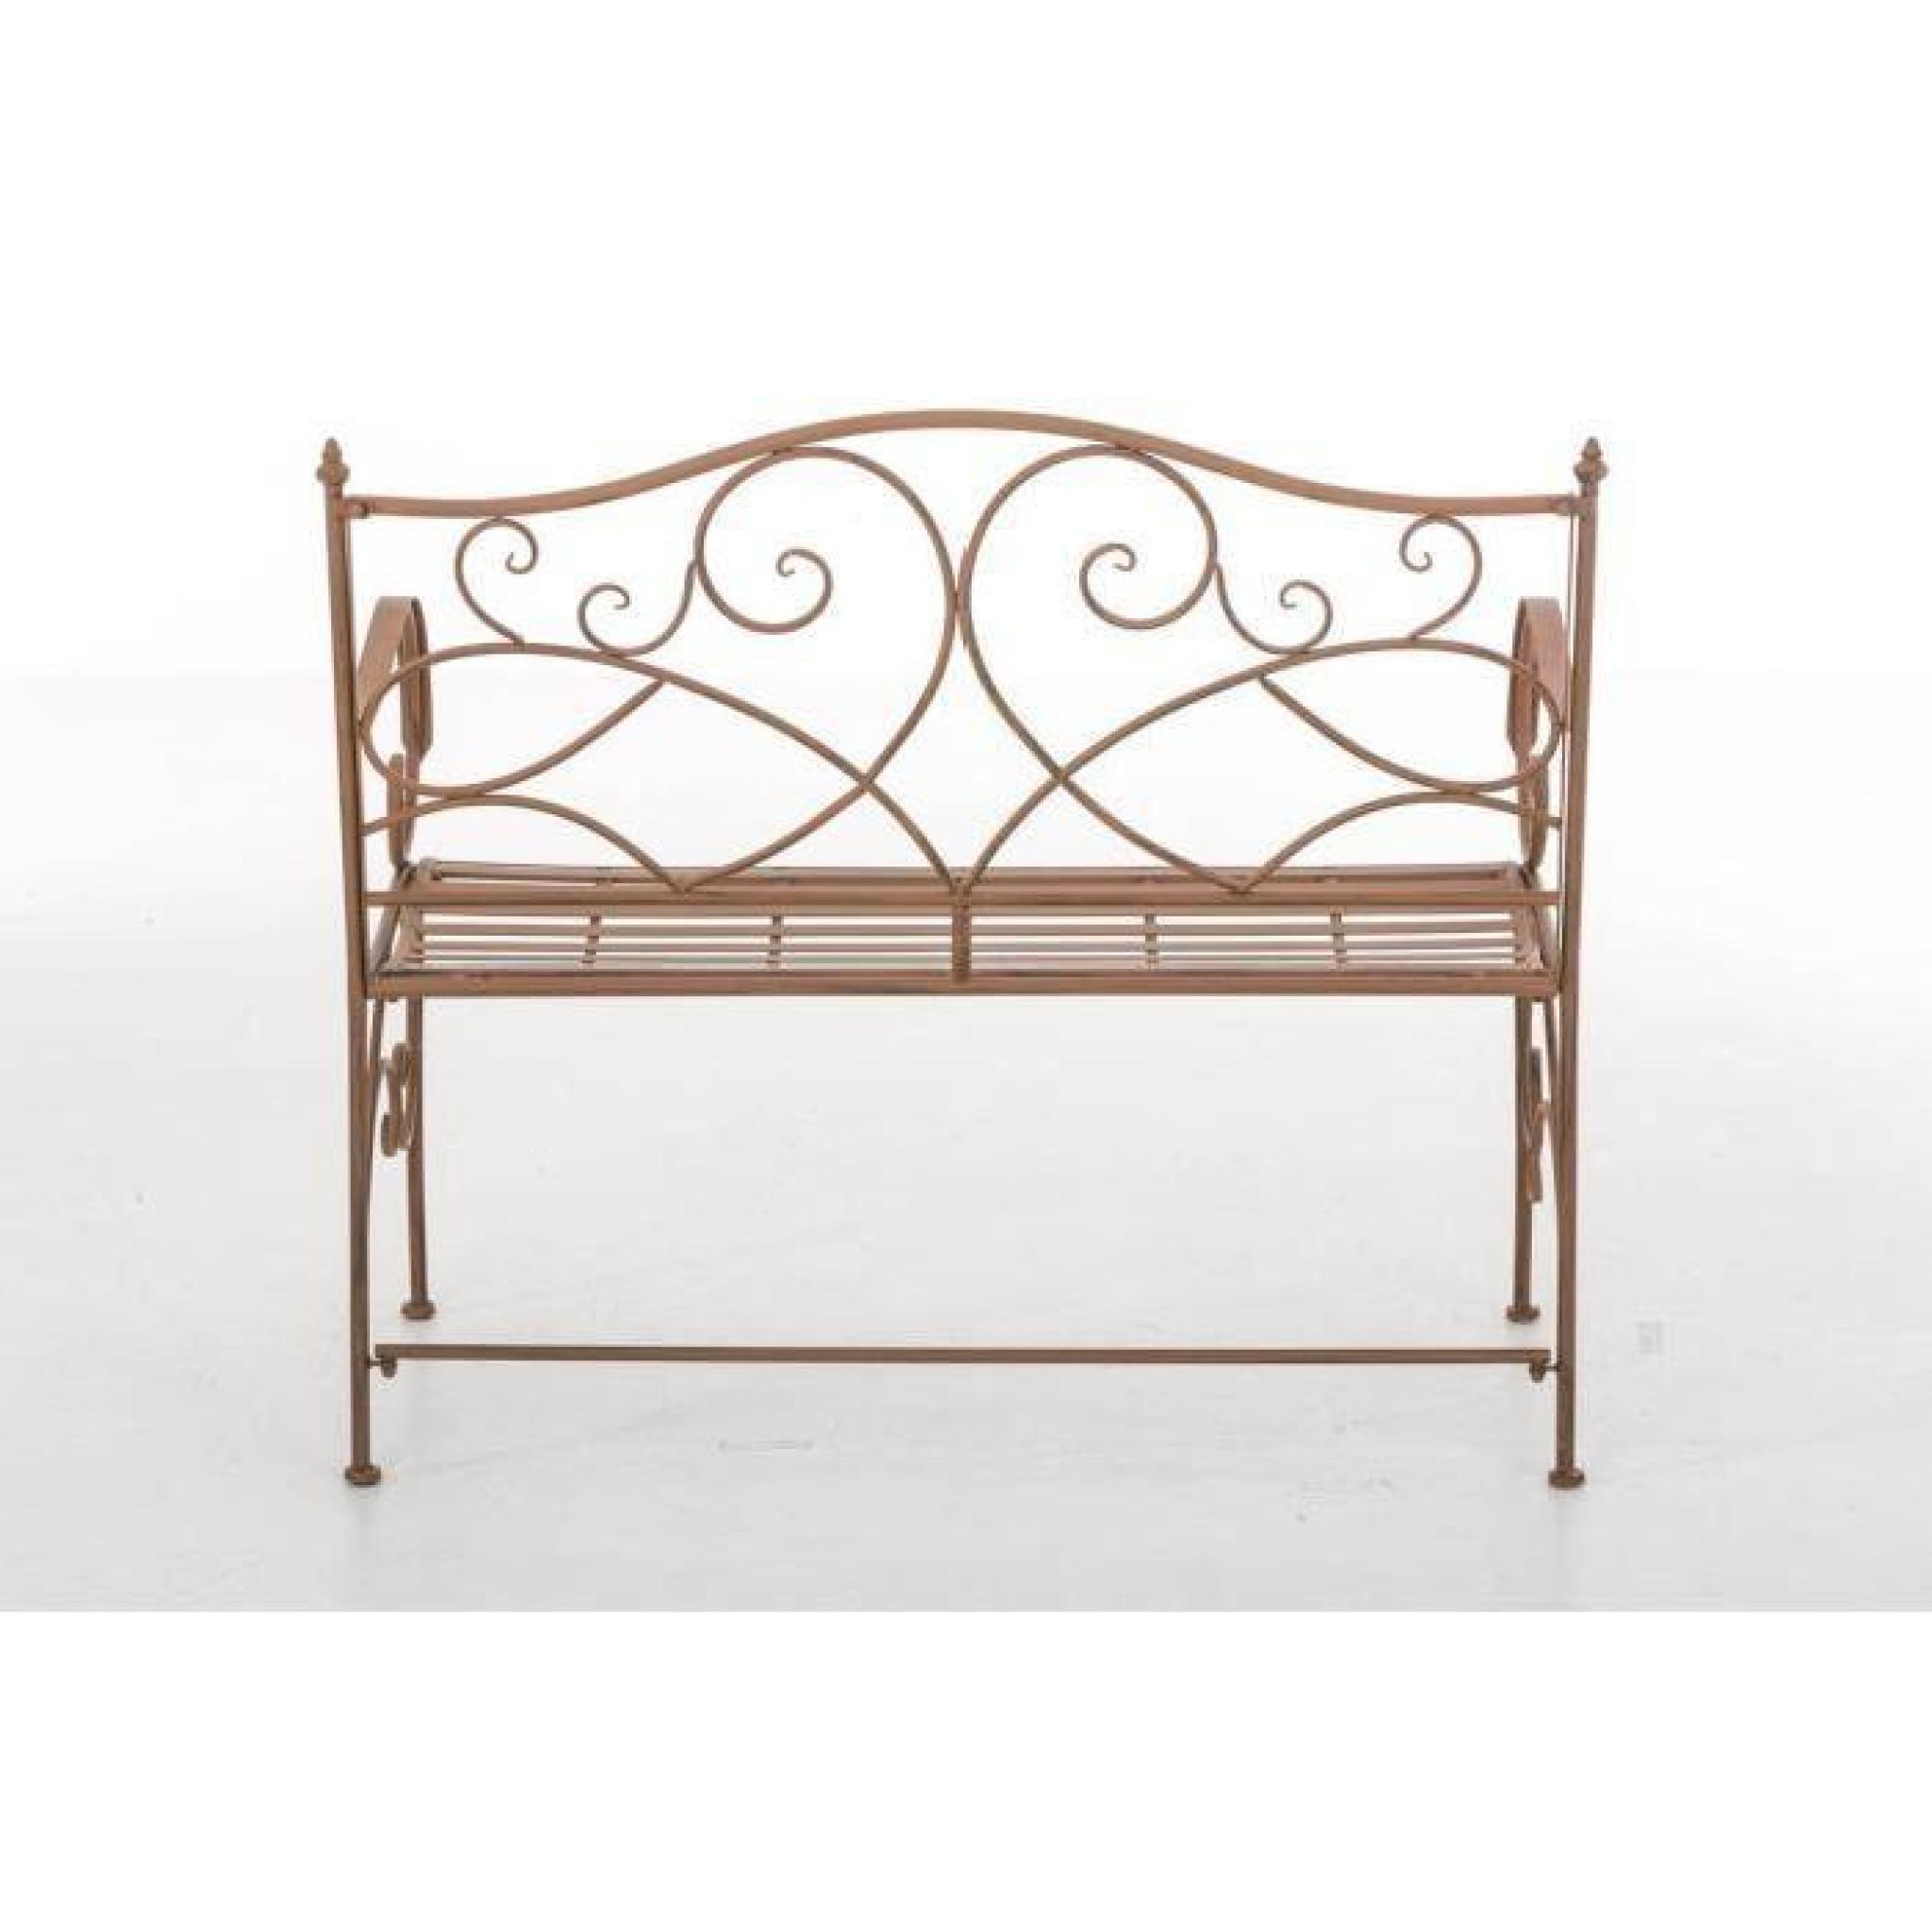 clp banc pour jardin romantique filiz en fer forg style maison de campagne en m tal 104 x 52. Black Bedroom Furniture Sets. Home Design Ideas